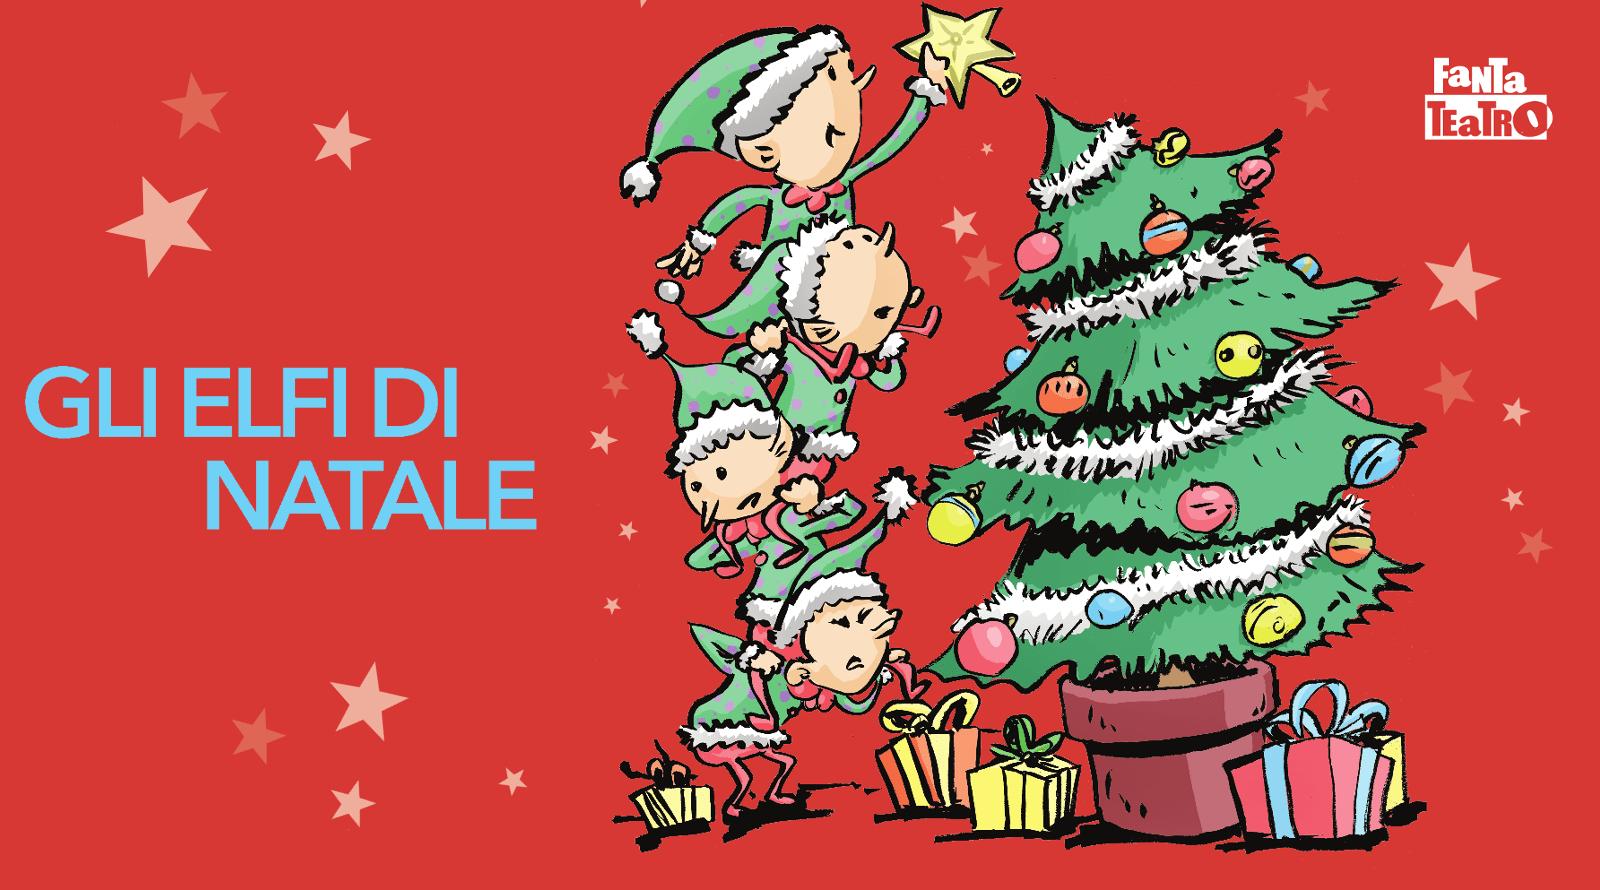 Trieste Natale Immagini.16 12 Gli Elfi Di Natale Trieste Fantateatro